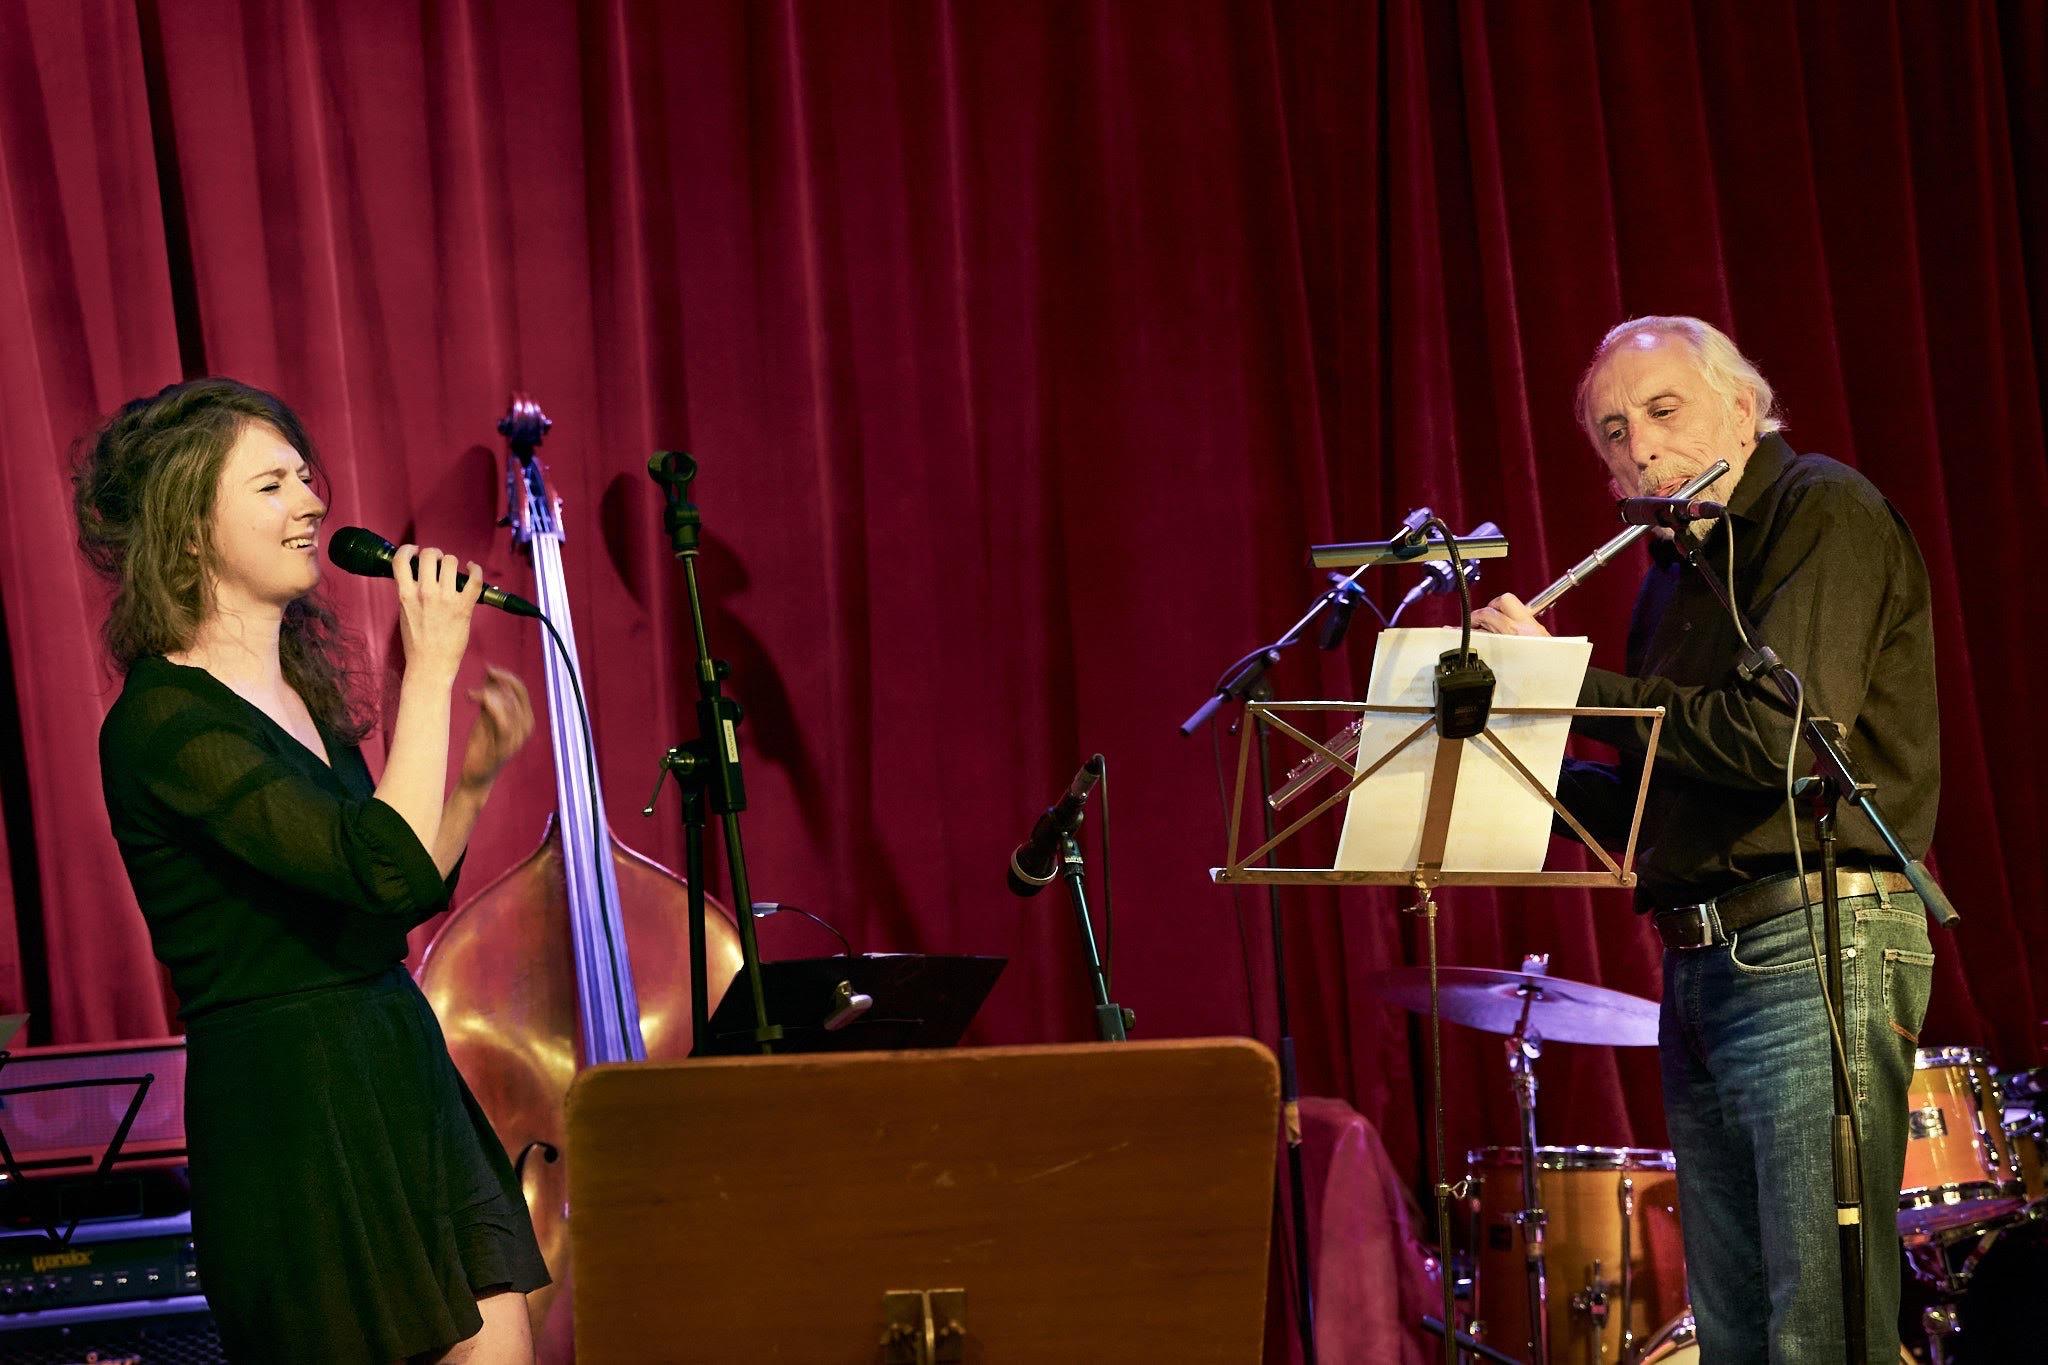 Duet met Esther van Maanen tijdens Solfestice 21.06.2020/©Peter van Esch